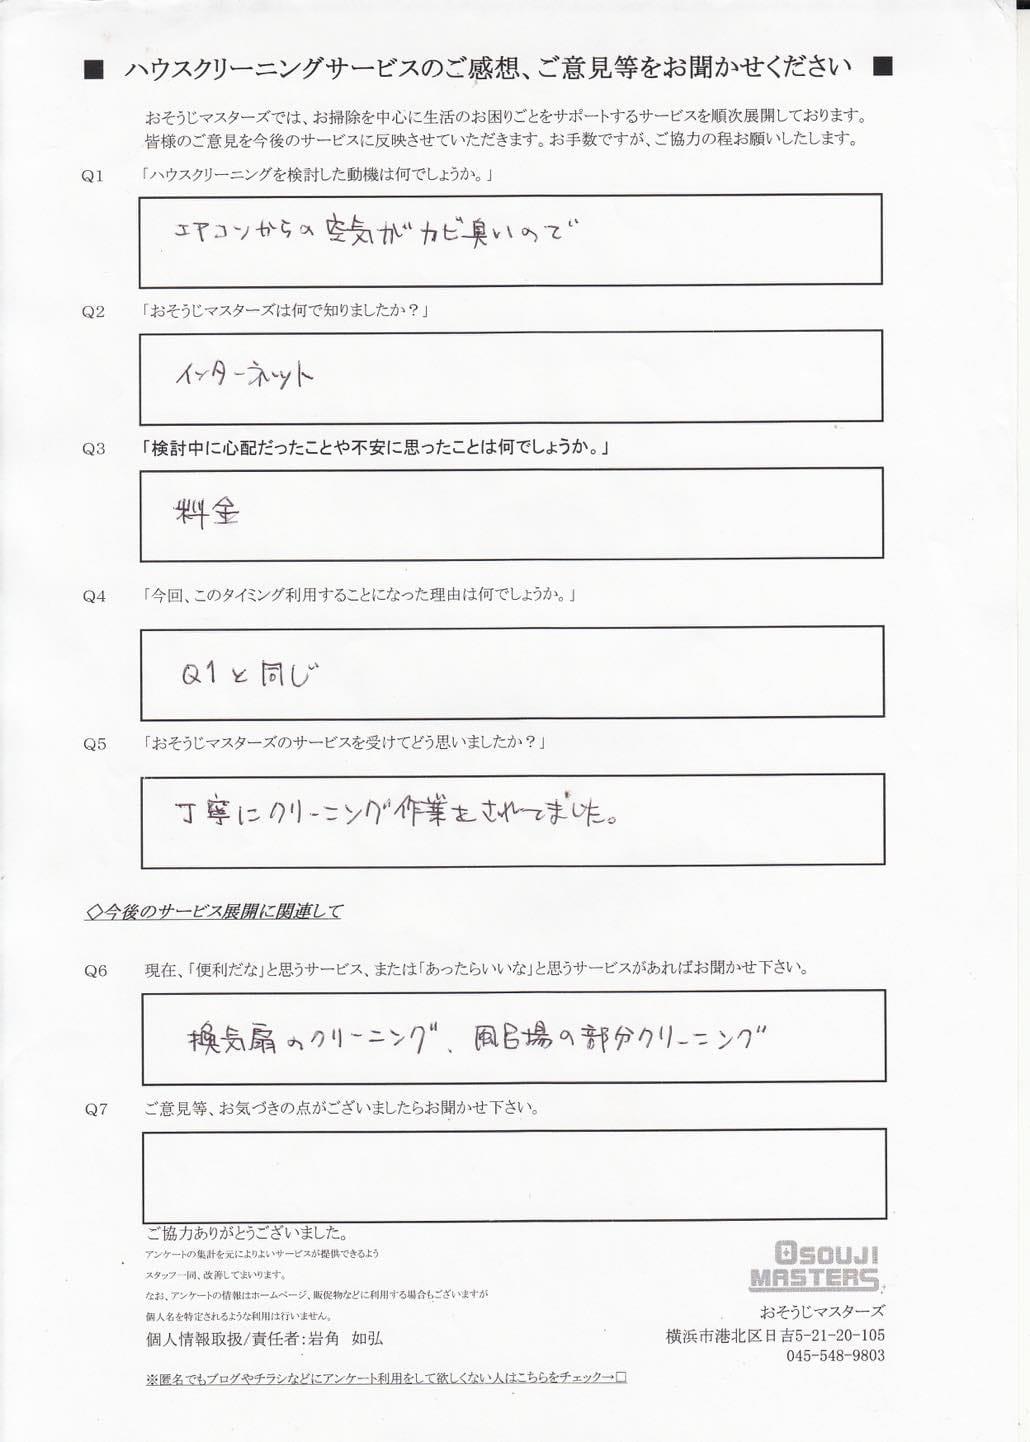 2015/07/07 エアコンクリーング 【横浜市港北区】